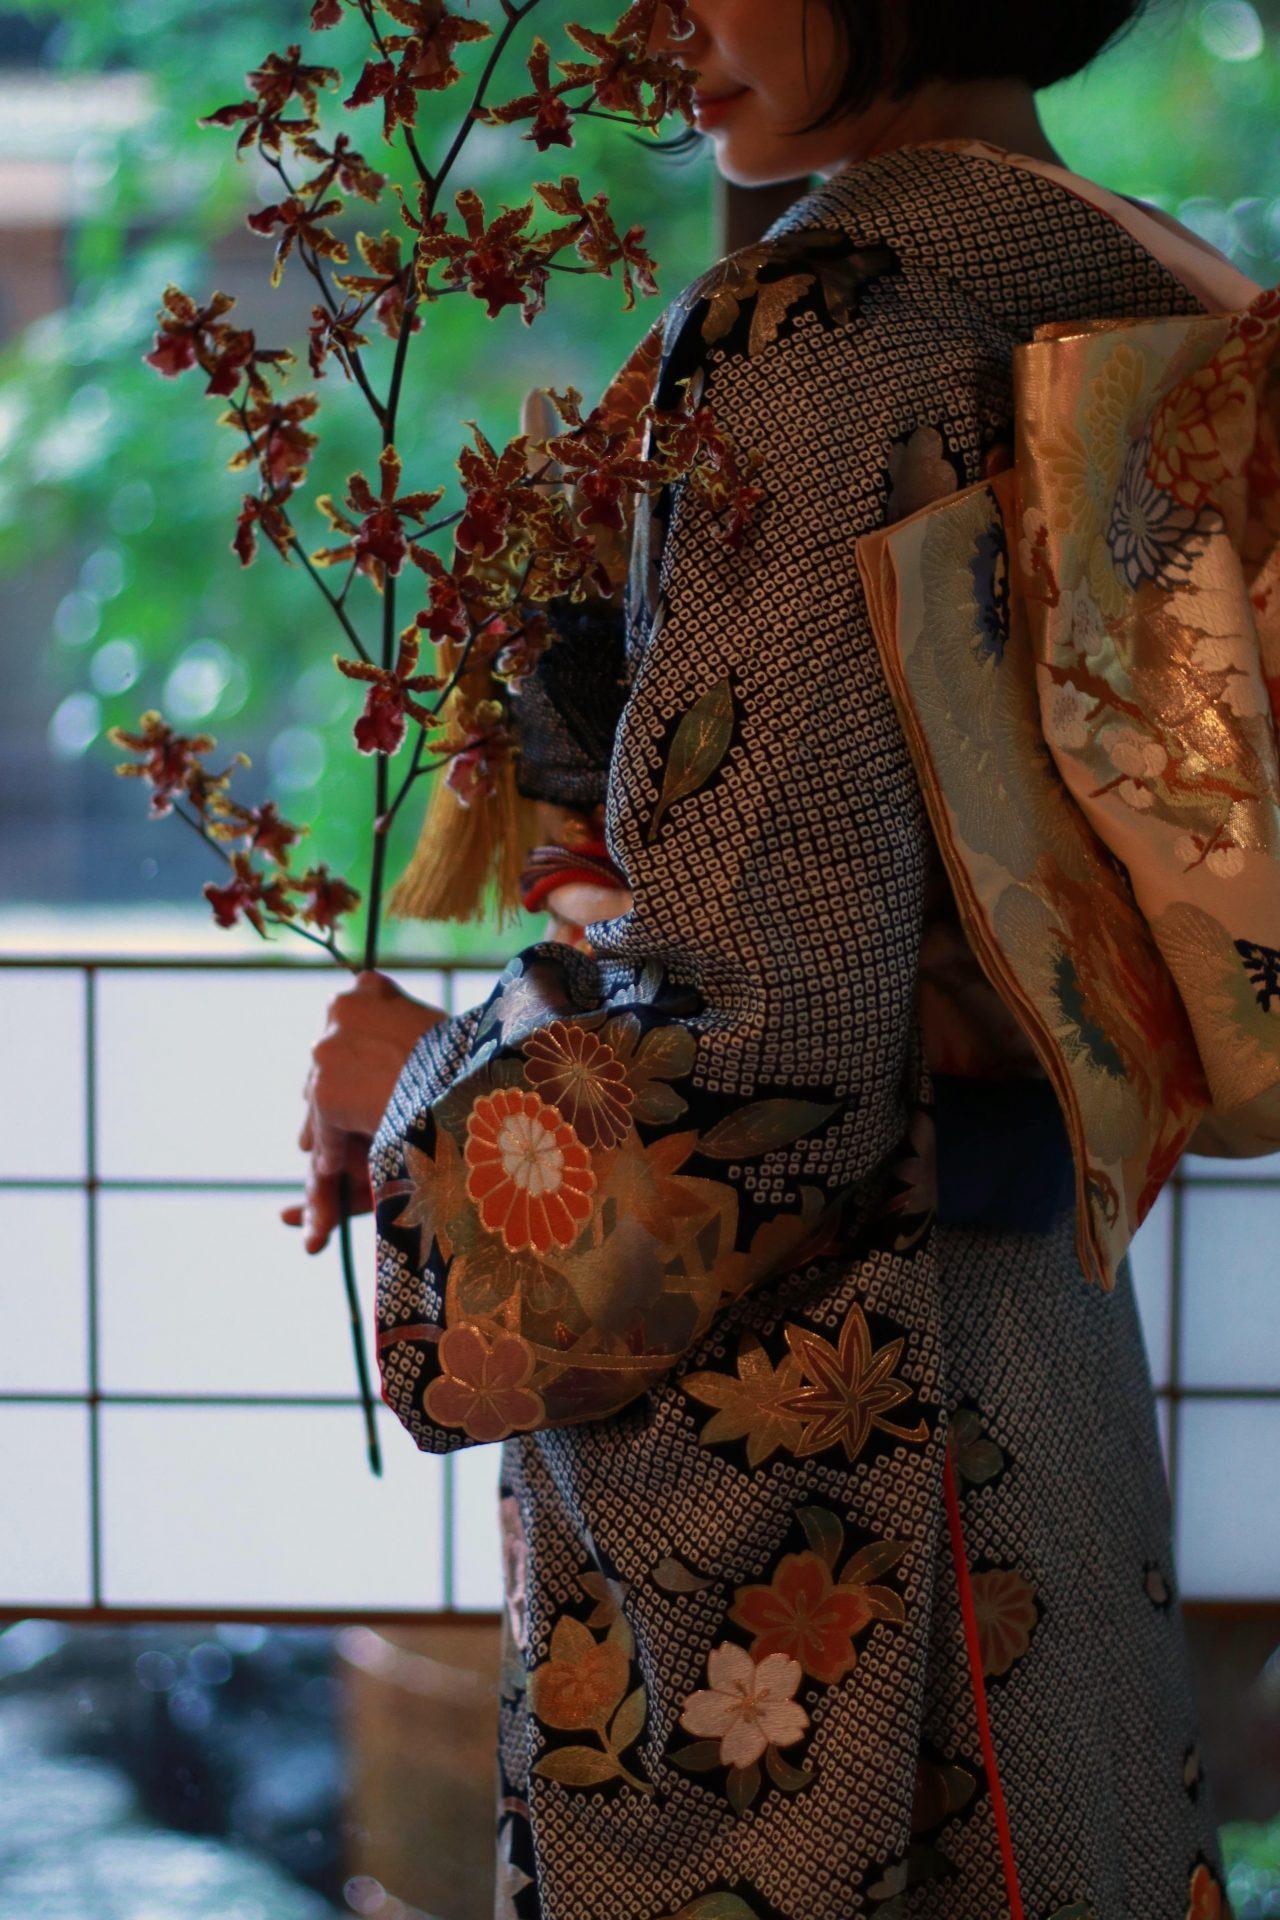 トリートドレッシング名古屋店提携の結婚式場河文にて前撮りを予定されている花嫁様へおすすめの和装コーディネート